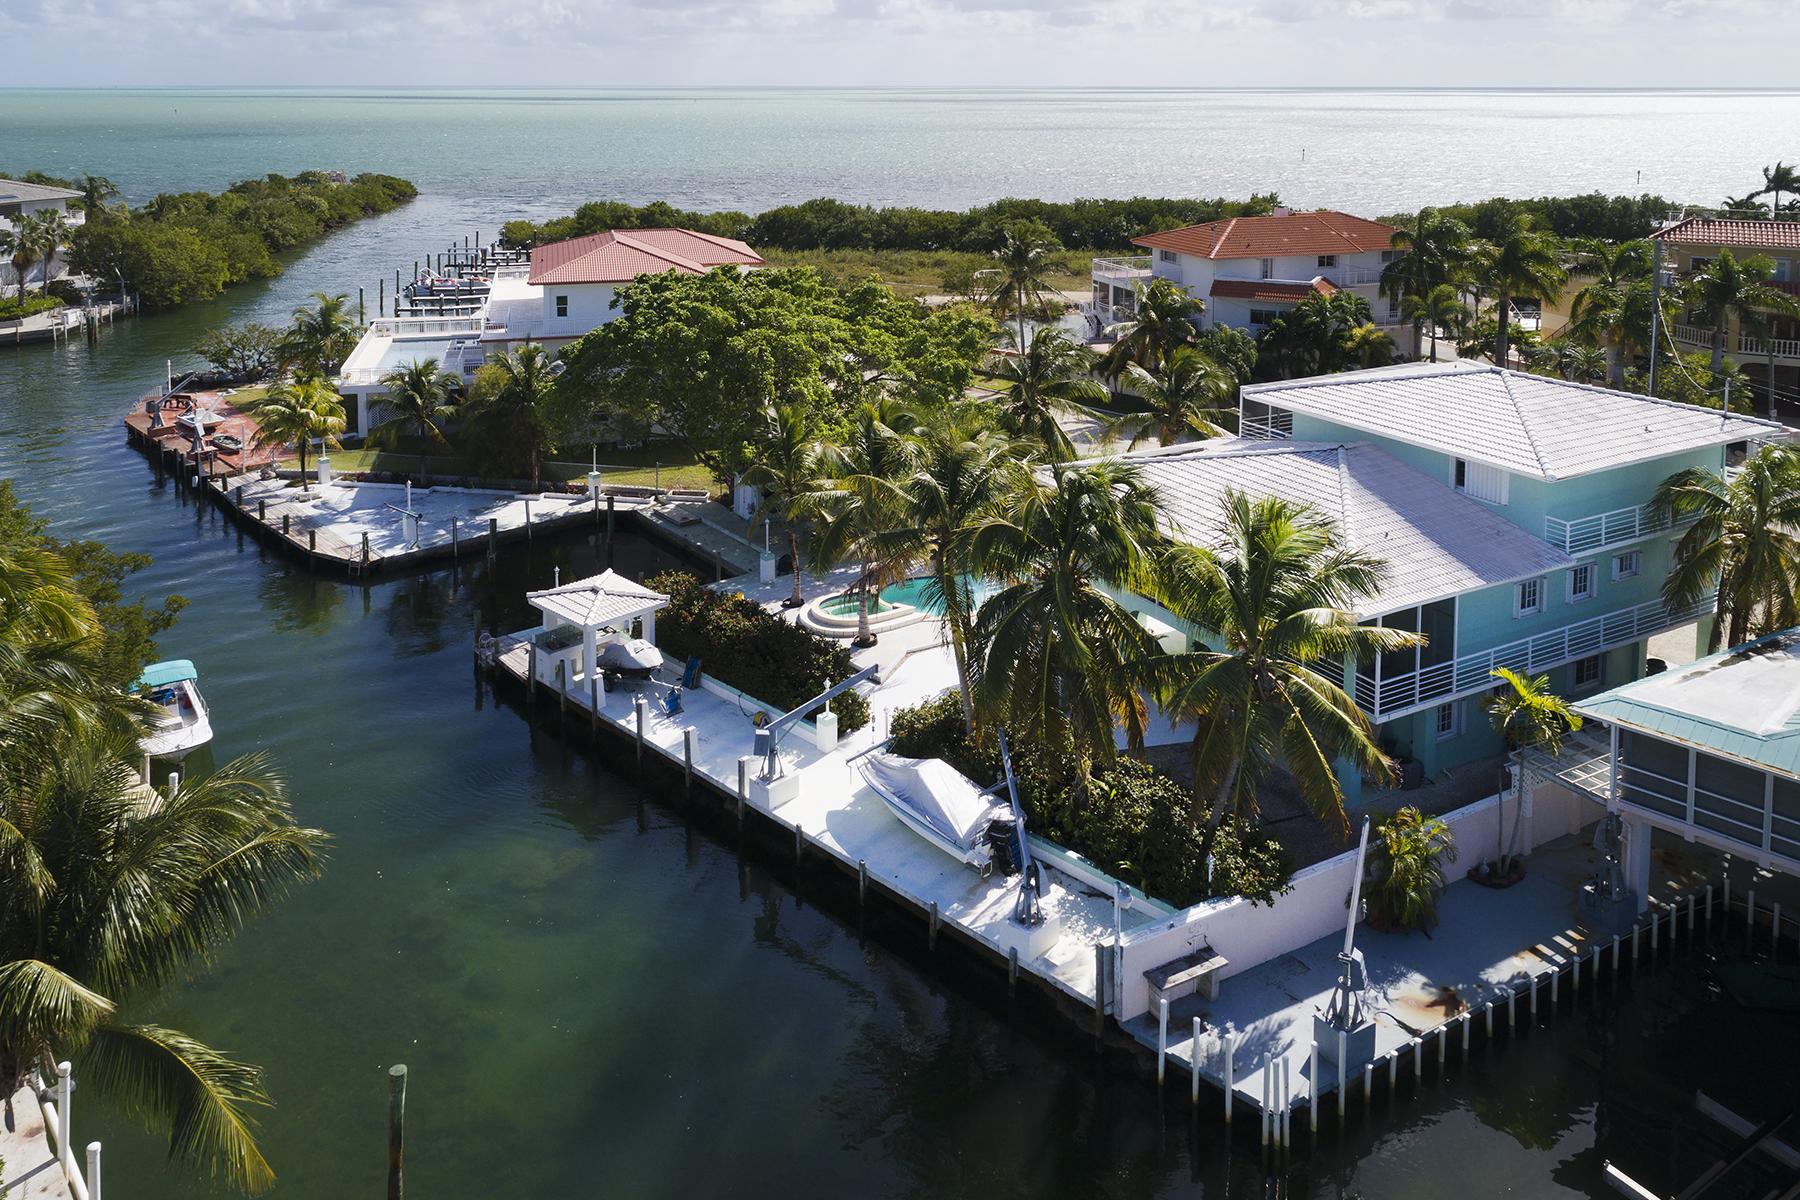 Частный односемейный дом для того Продажа на Boaters Paradise 196 Lorelane Place Key Largo, Флорида, 33037 Соединенные Штаты